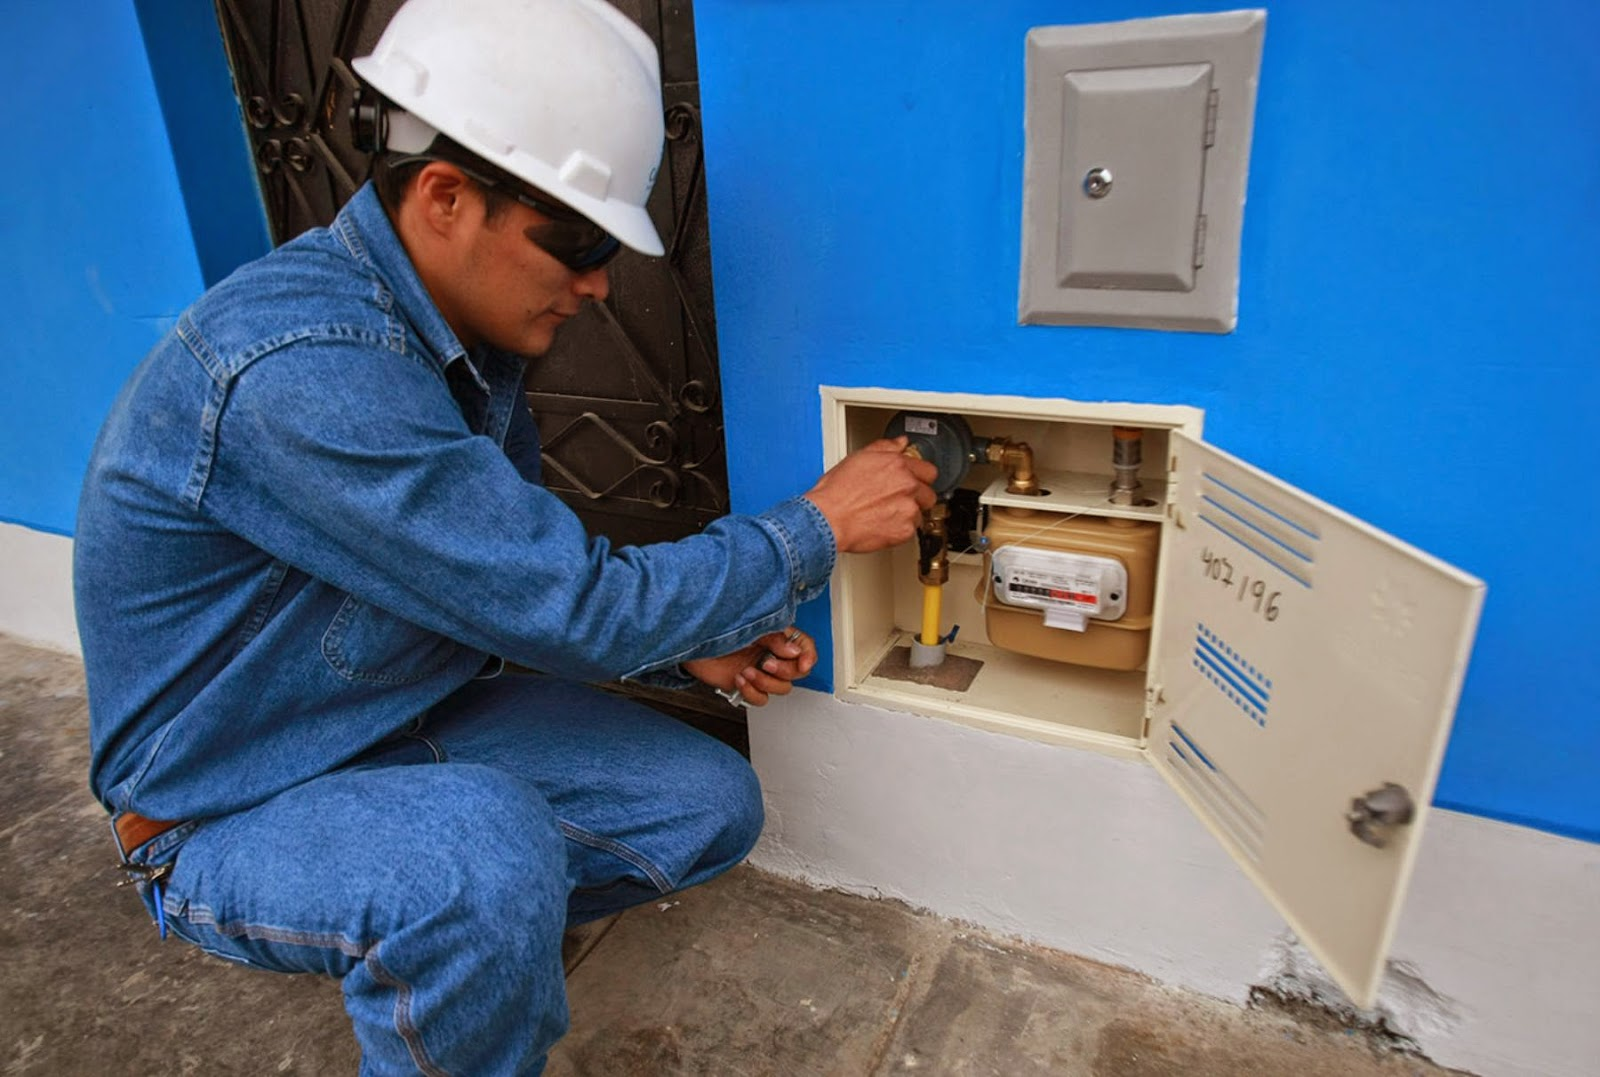 Minem: Más de 2,5 millones de peruanos ya tienen gas natural